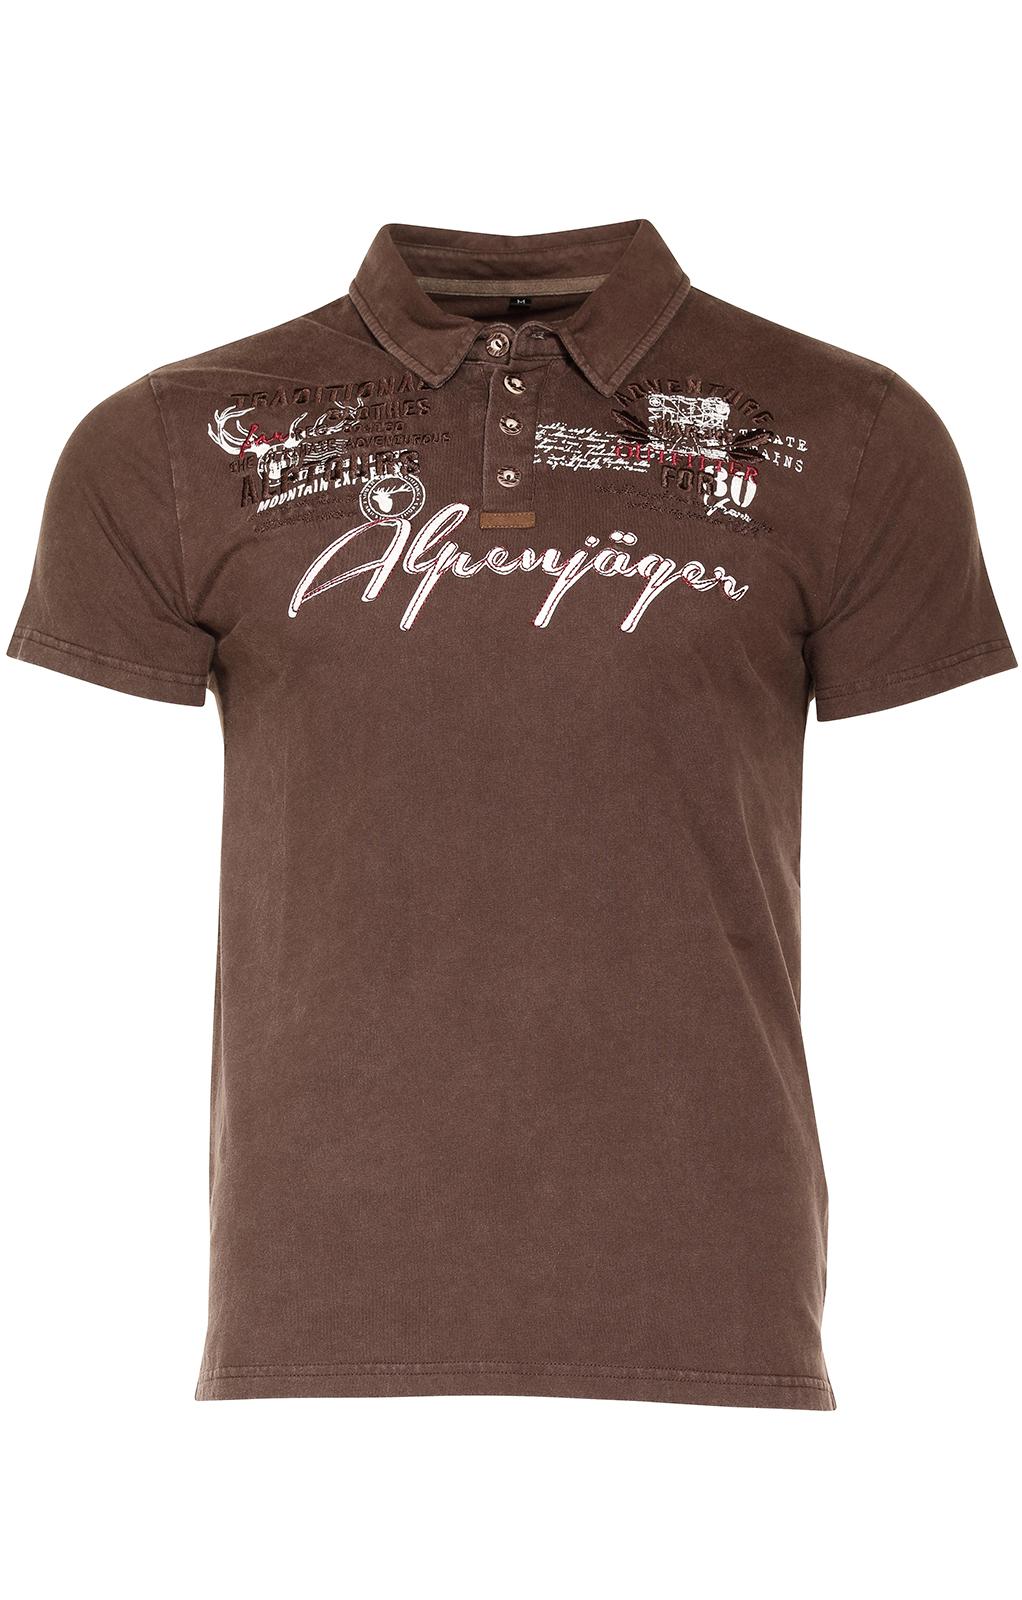 weitere Bilder von Kostuums T-shirt E09 - ALPENJAEGER bruin